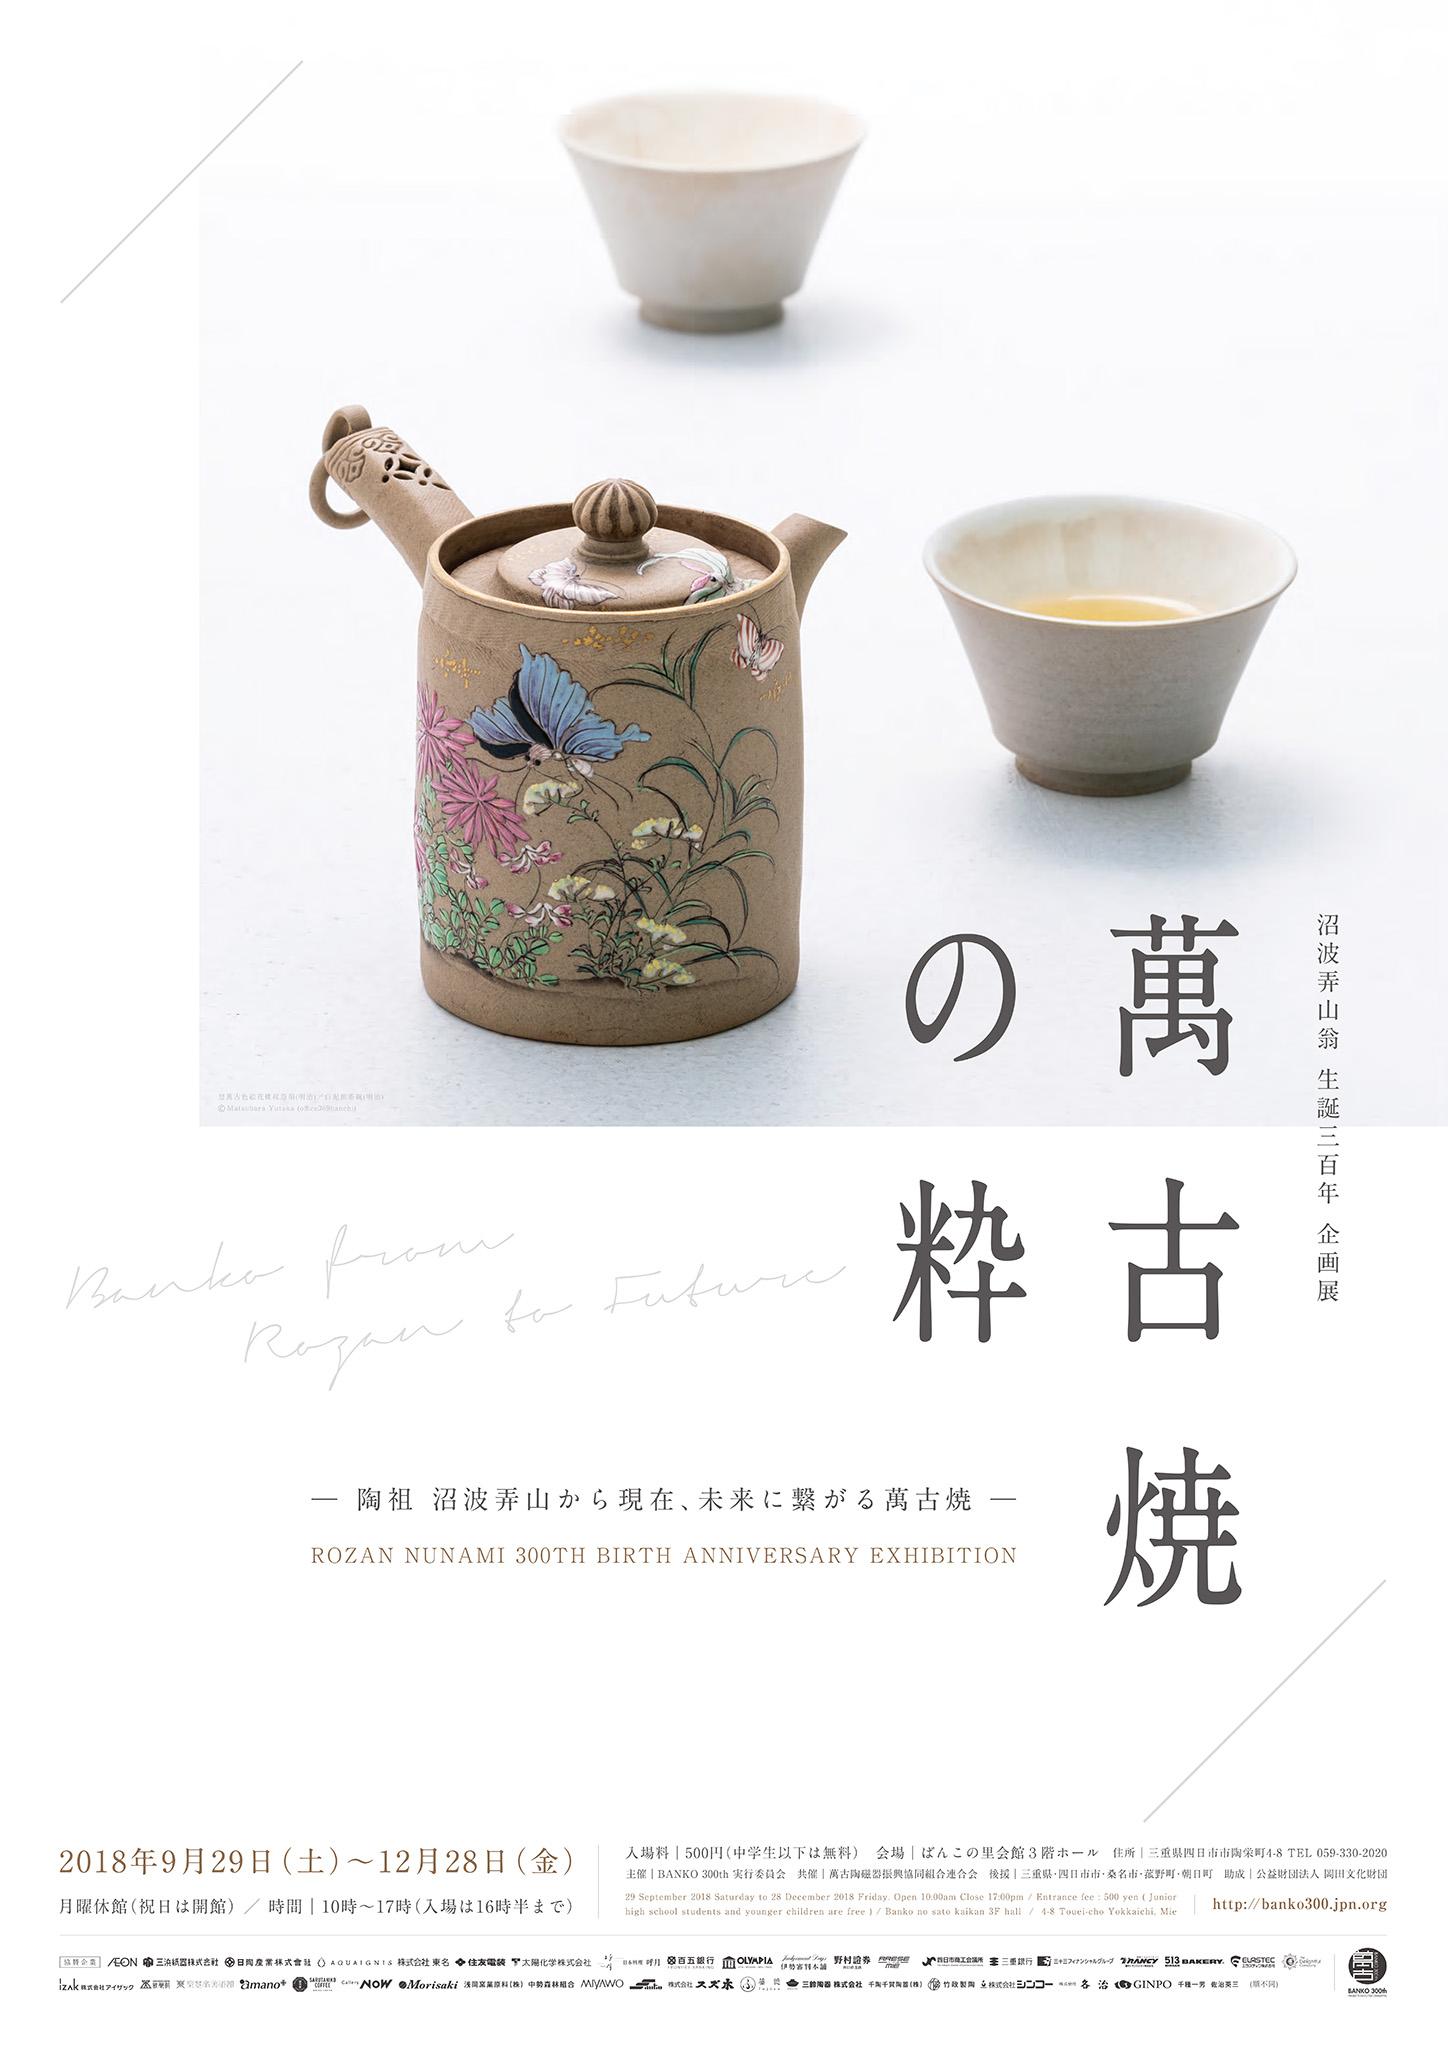 2018年沼波弄山翁 生誕三百年 企画展 「萬古焼の粋」ポスター撮影松原豊